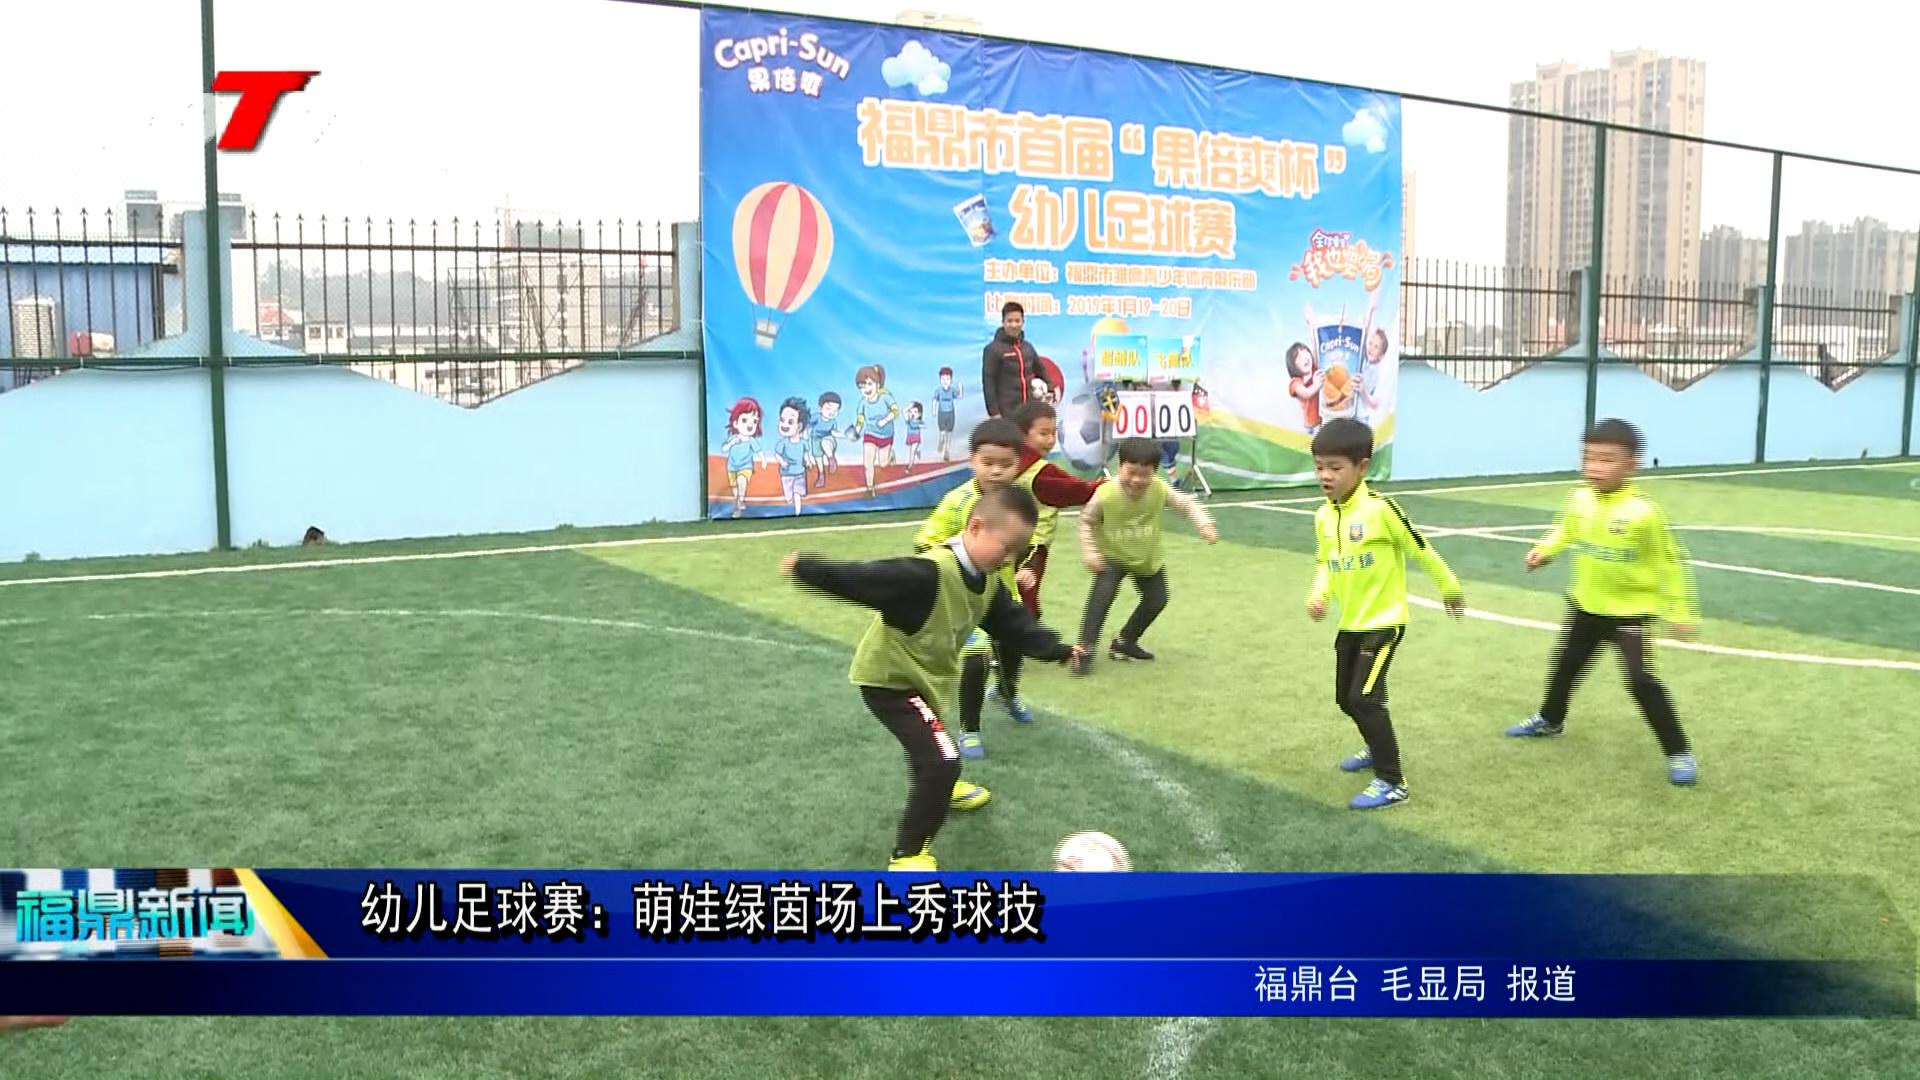 幼儿足球赛:萌娃绿茵场上秀球技